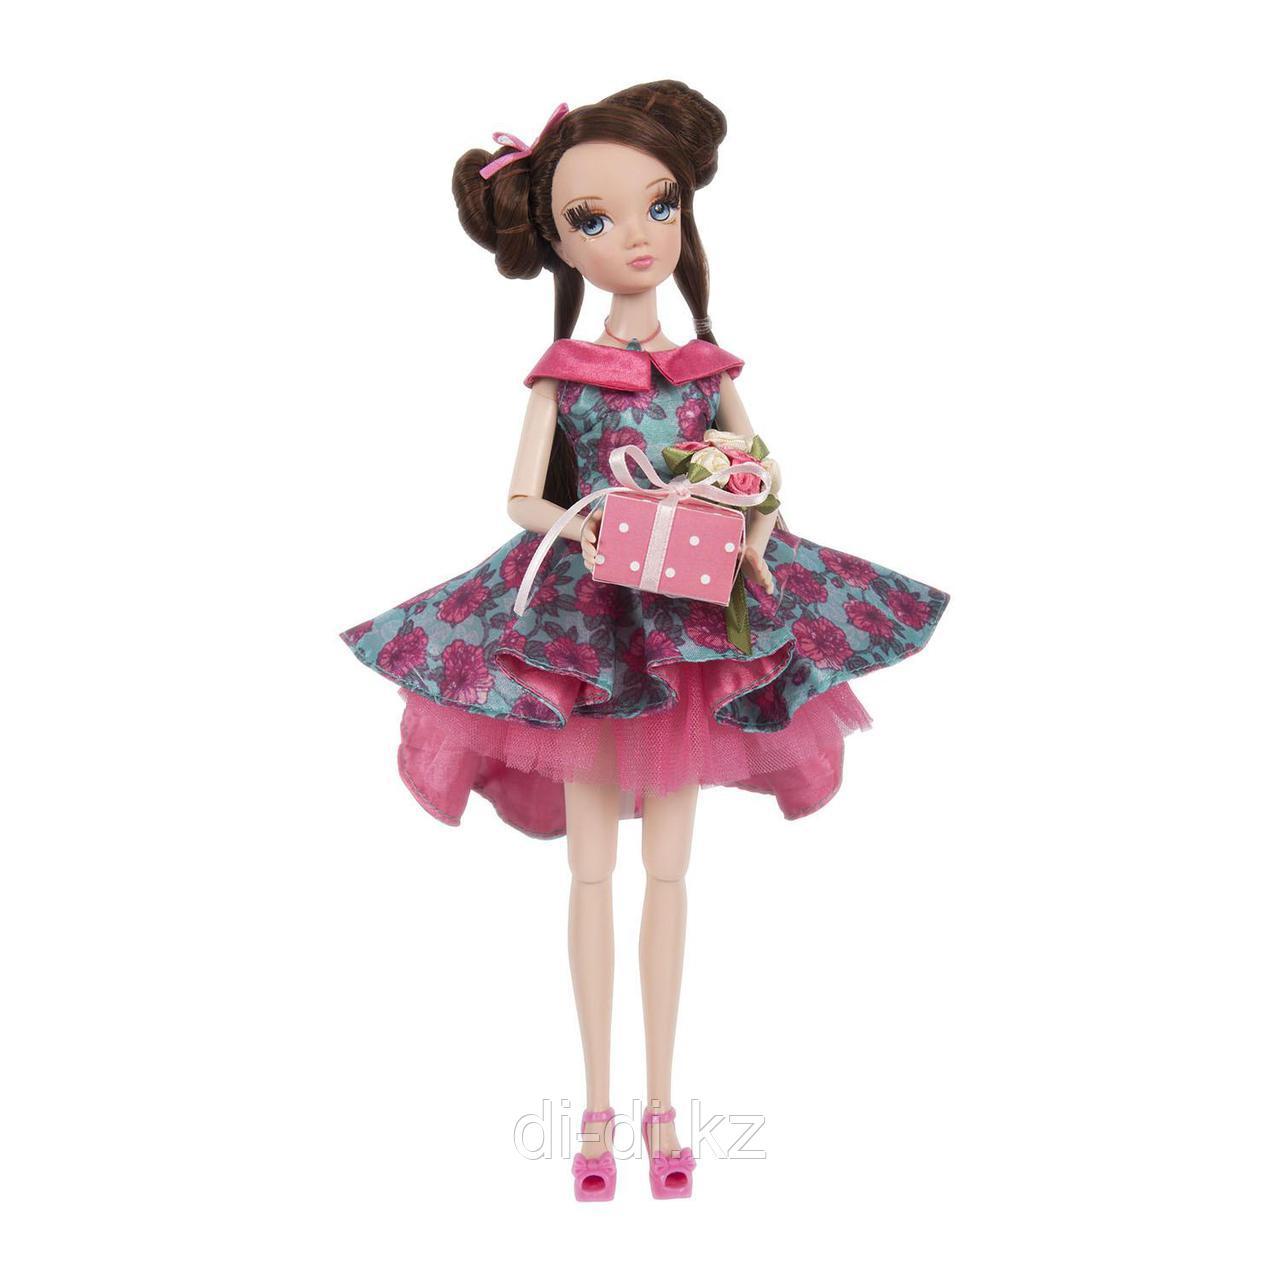 Кукла Sonya Rose серии Daily collection (Вечеринка - день рождения)